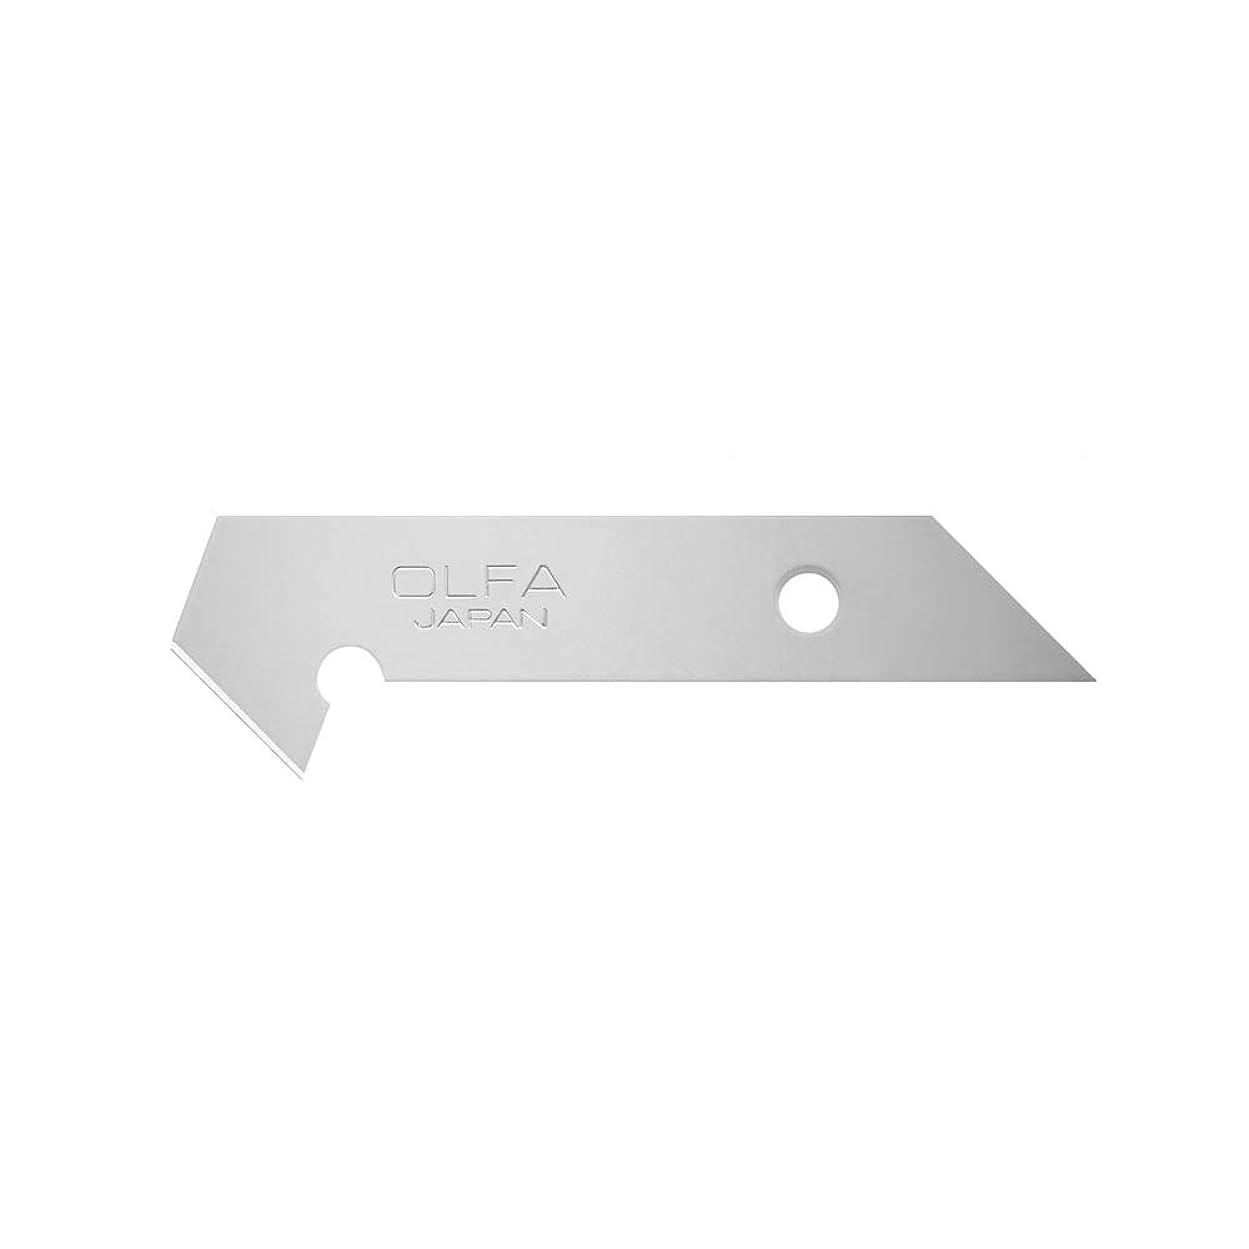 ナチュラメトロポリタンアマチュアオルファ(OLFA) PカッターS型替刃(P-450替刃) 5枚入 XB13